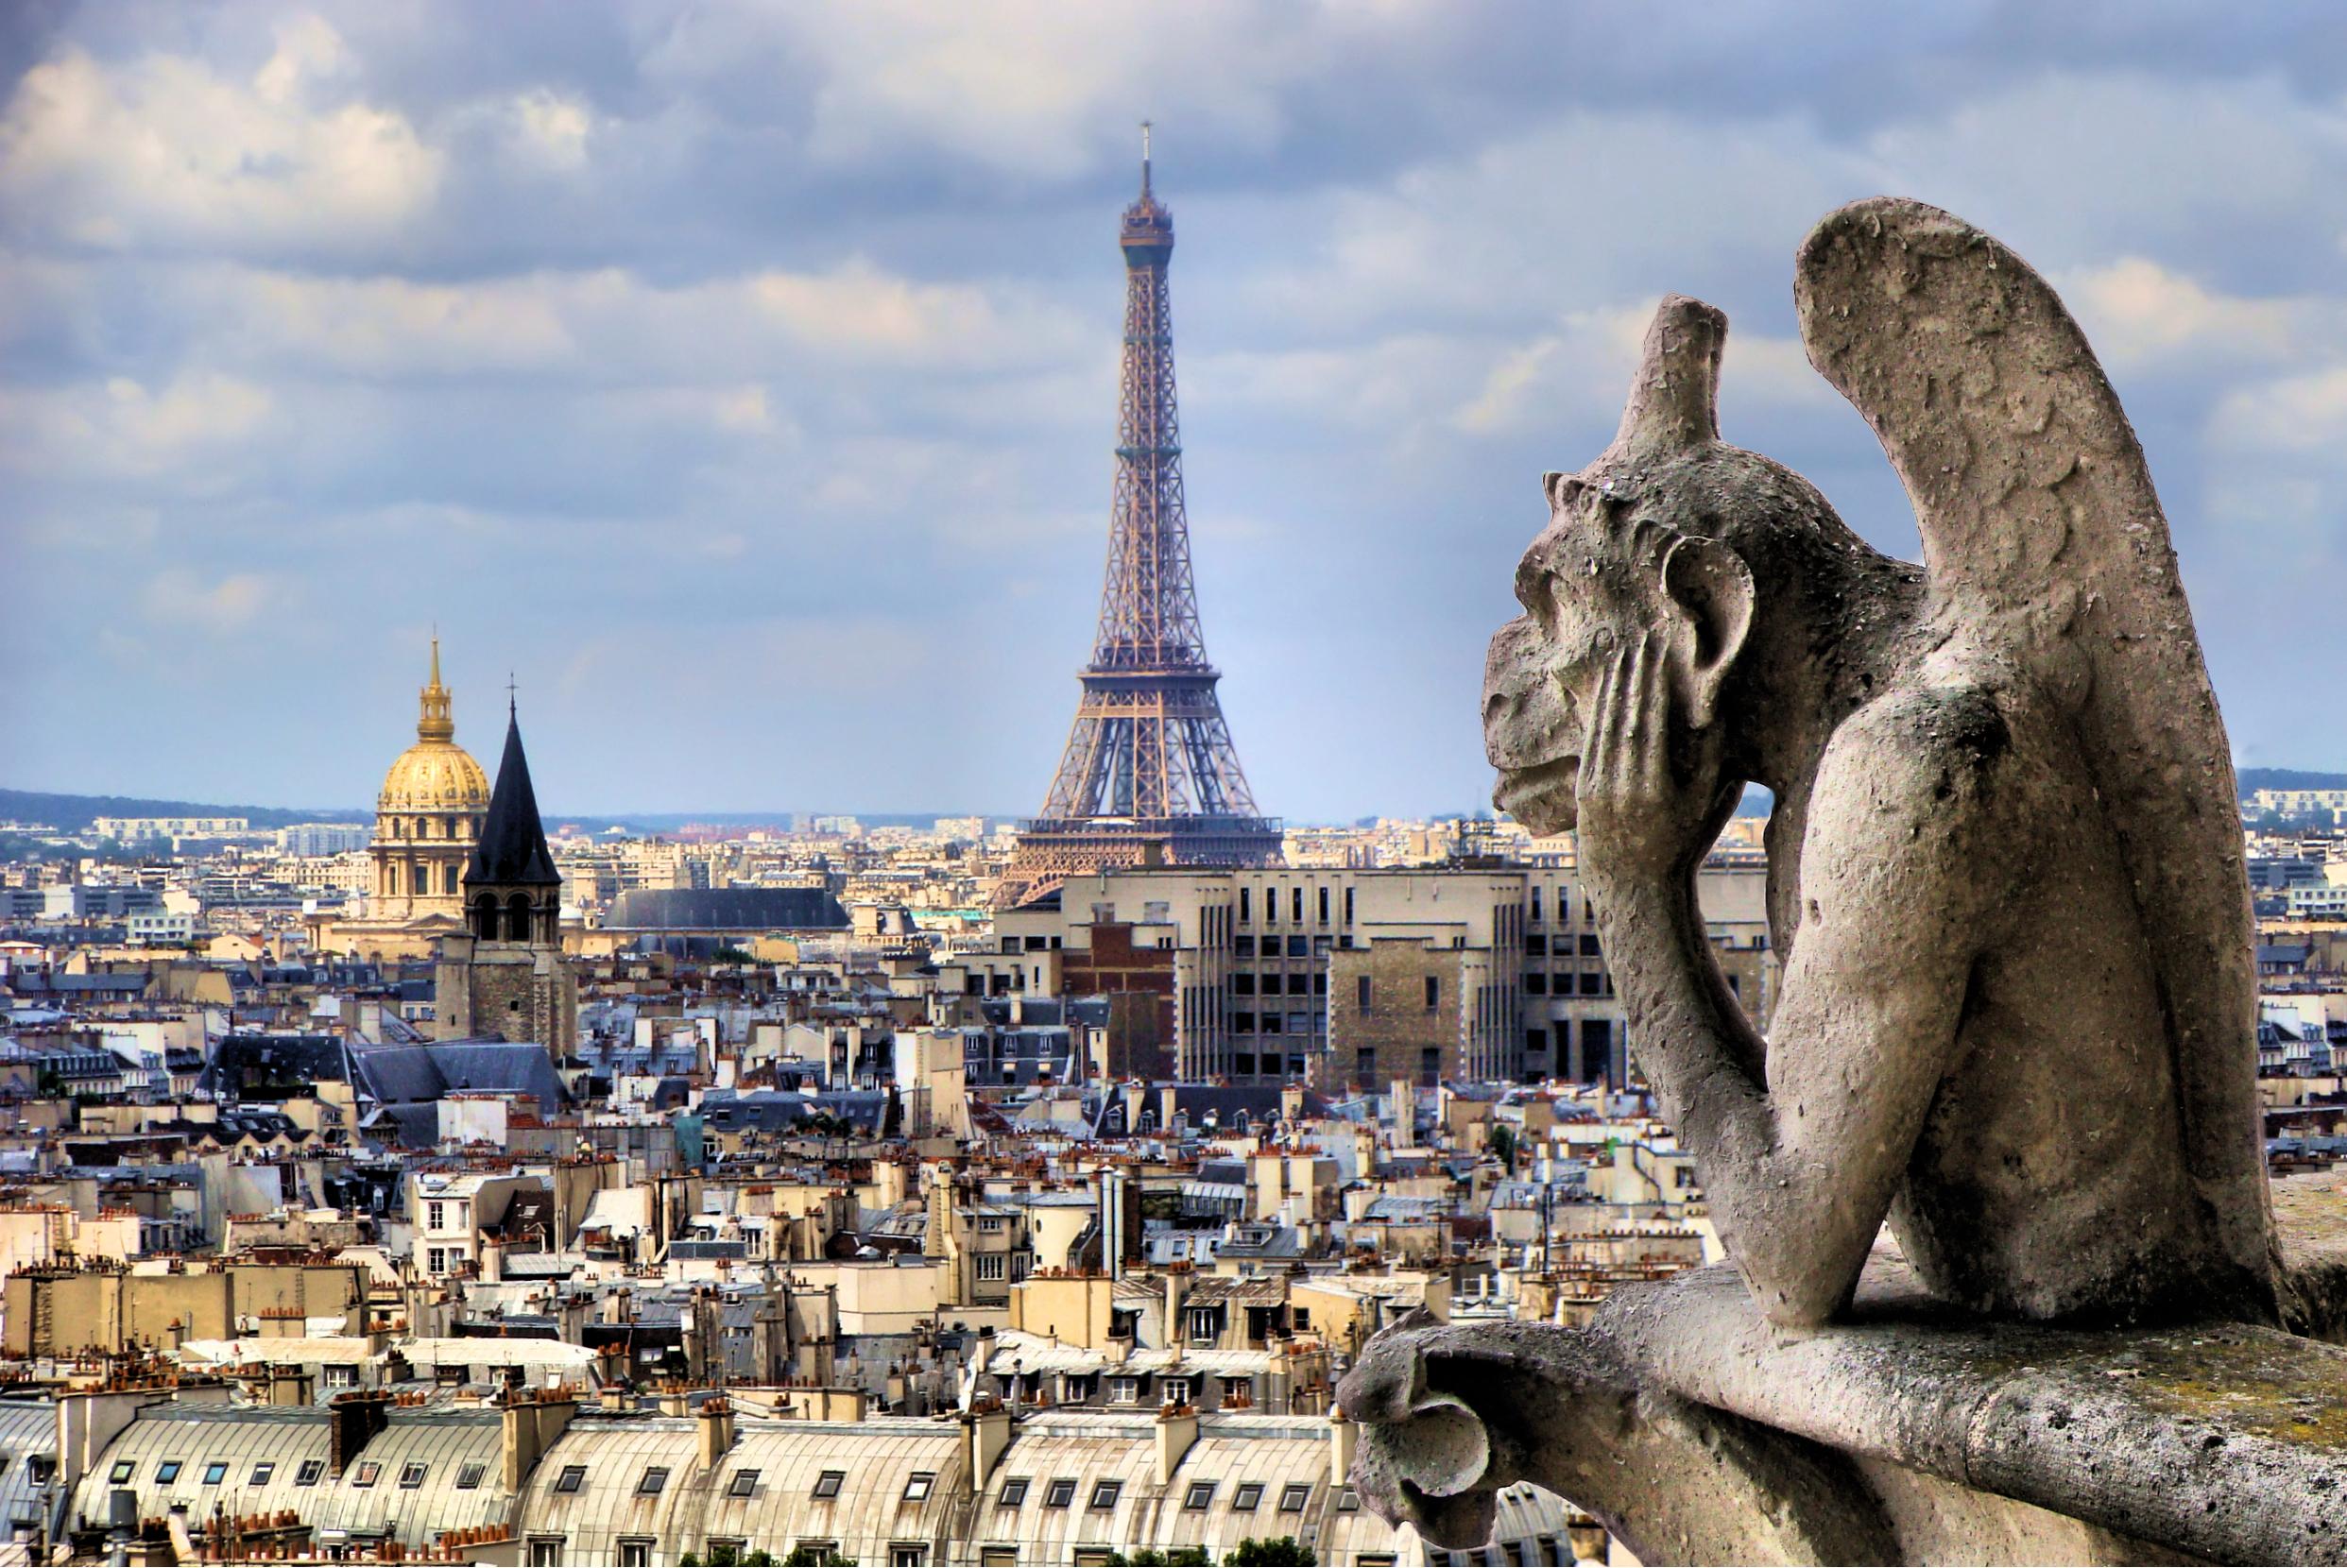 神祕又奇異 巴黎聖母院的滴水嘴獸和石像怪